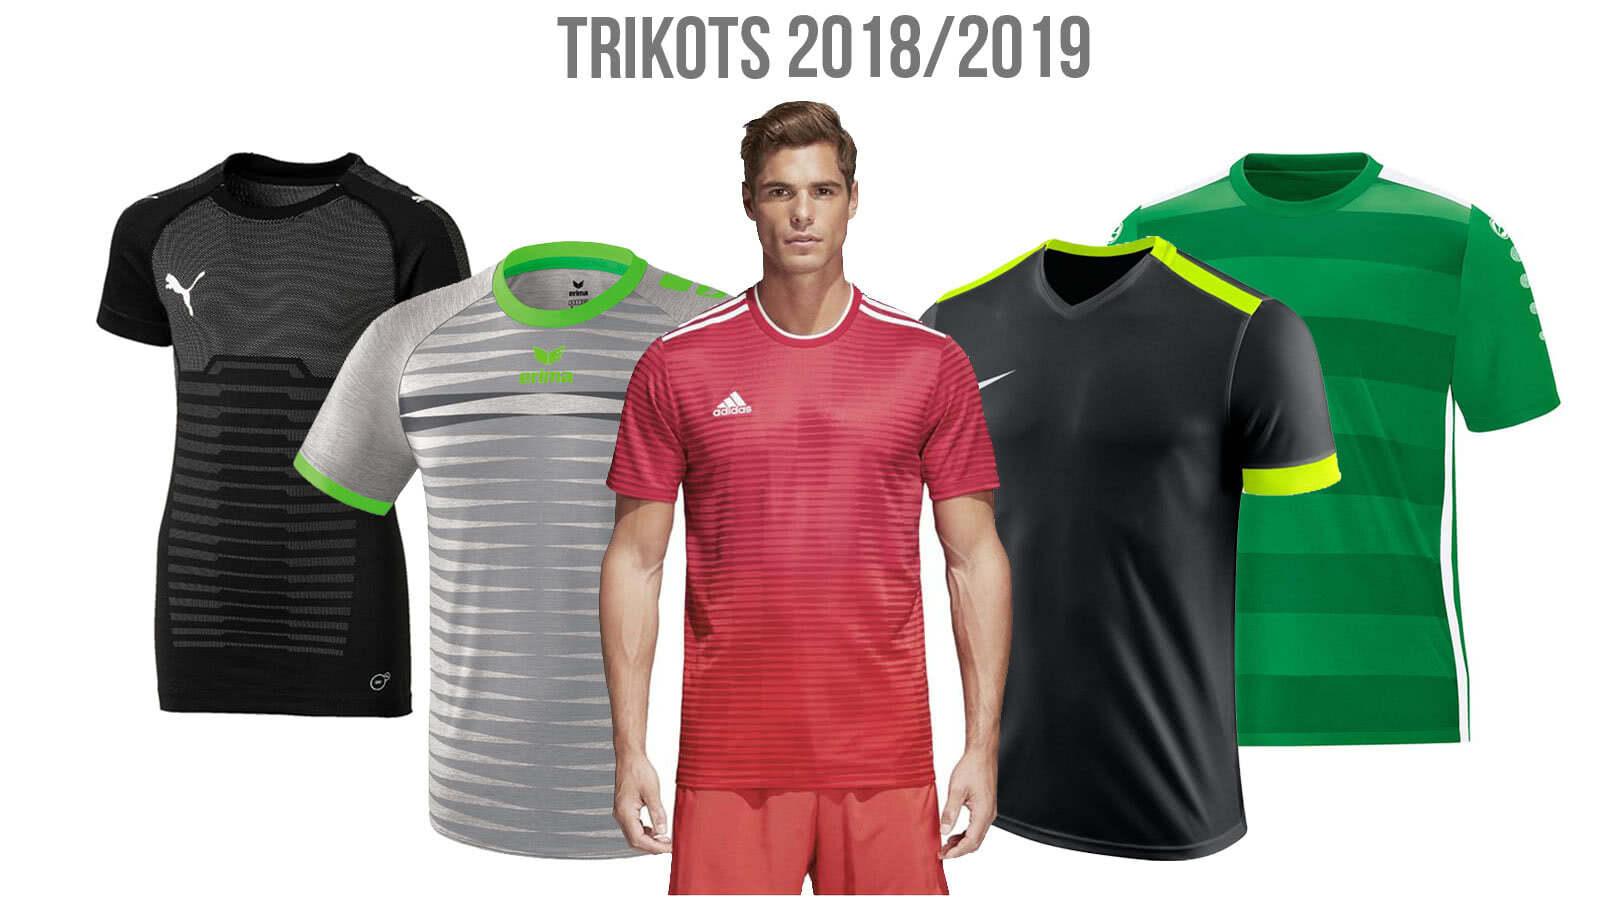 alle Trikots 2018/2019 von adidas, nike sowie puma und co